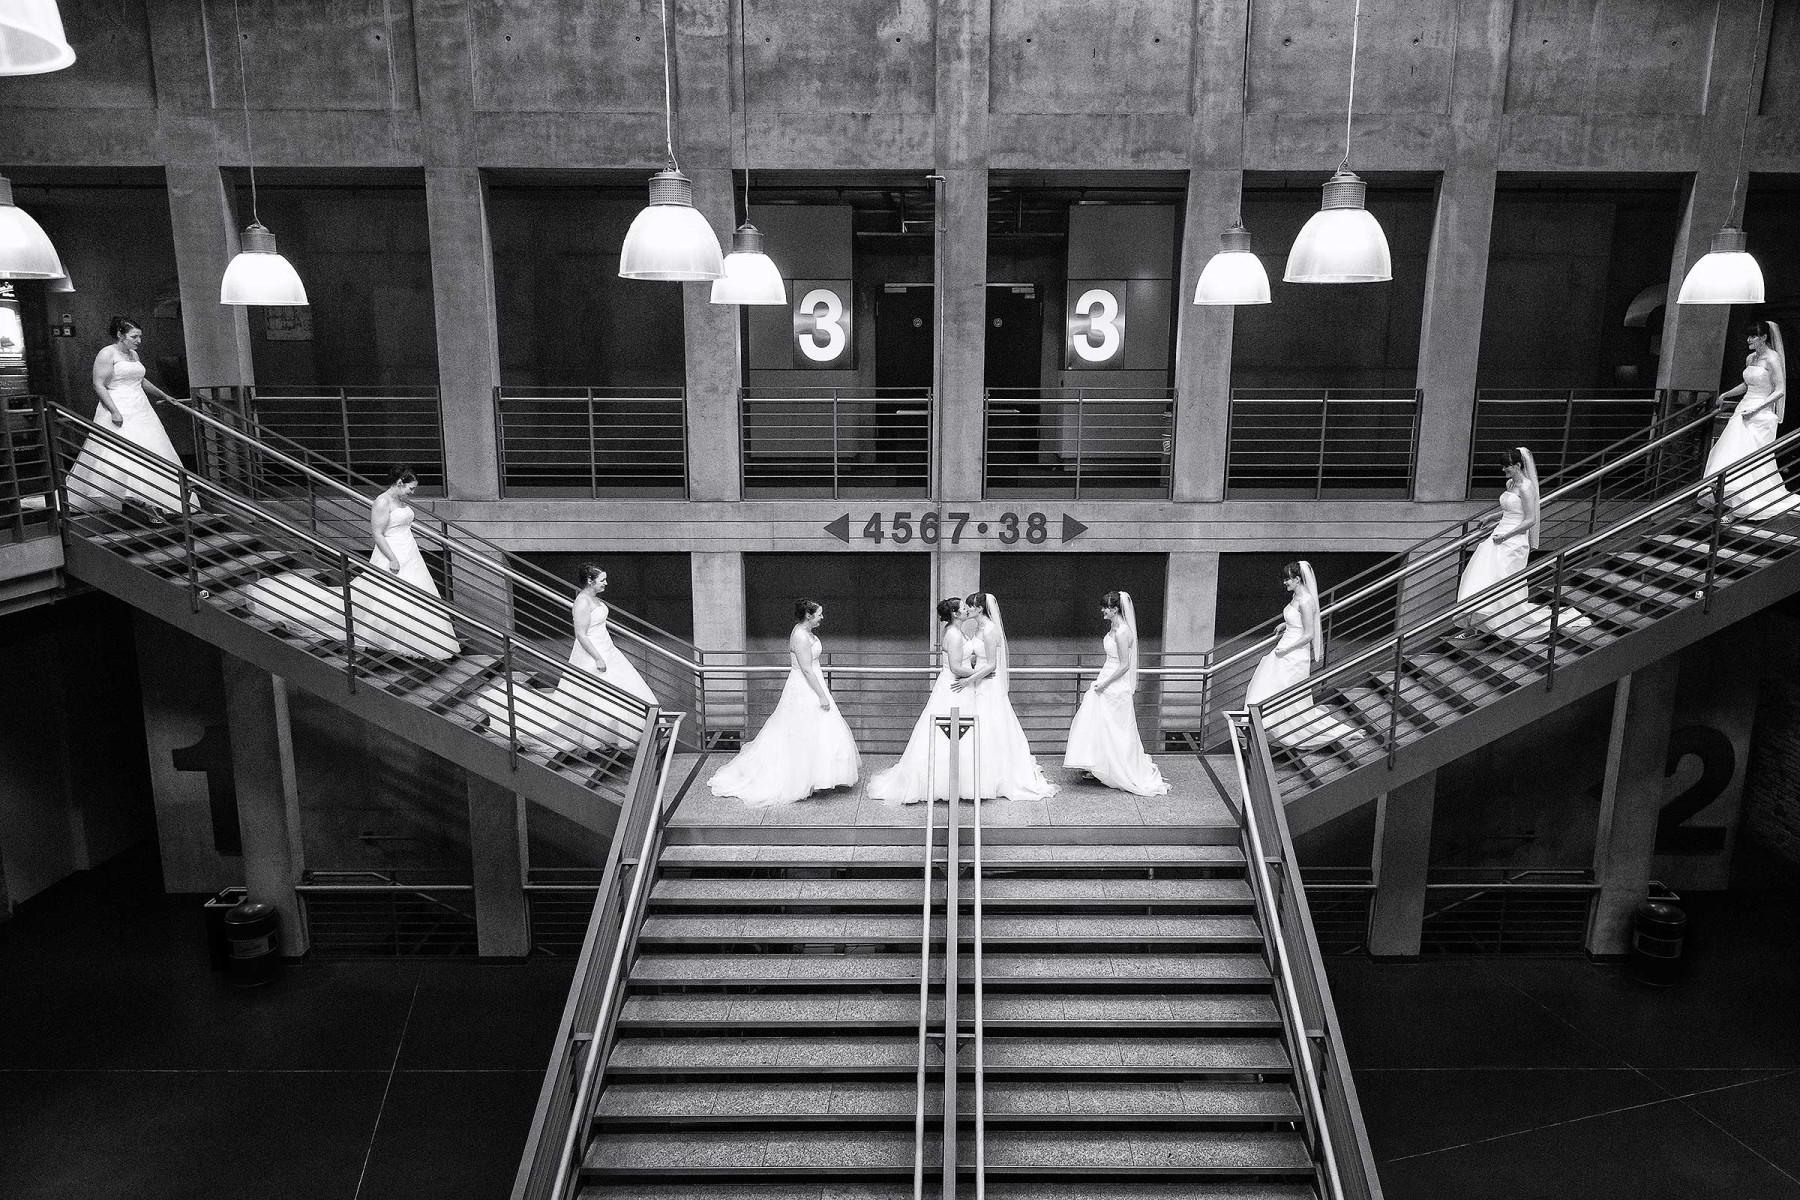 Hochzeitsfotos schwul lesbisch Berlin